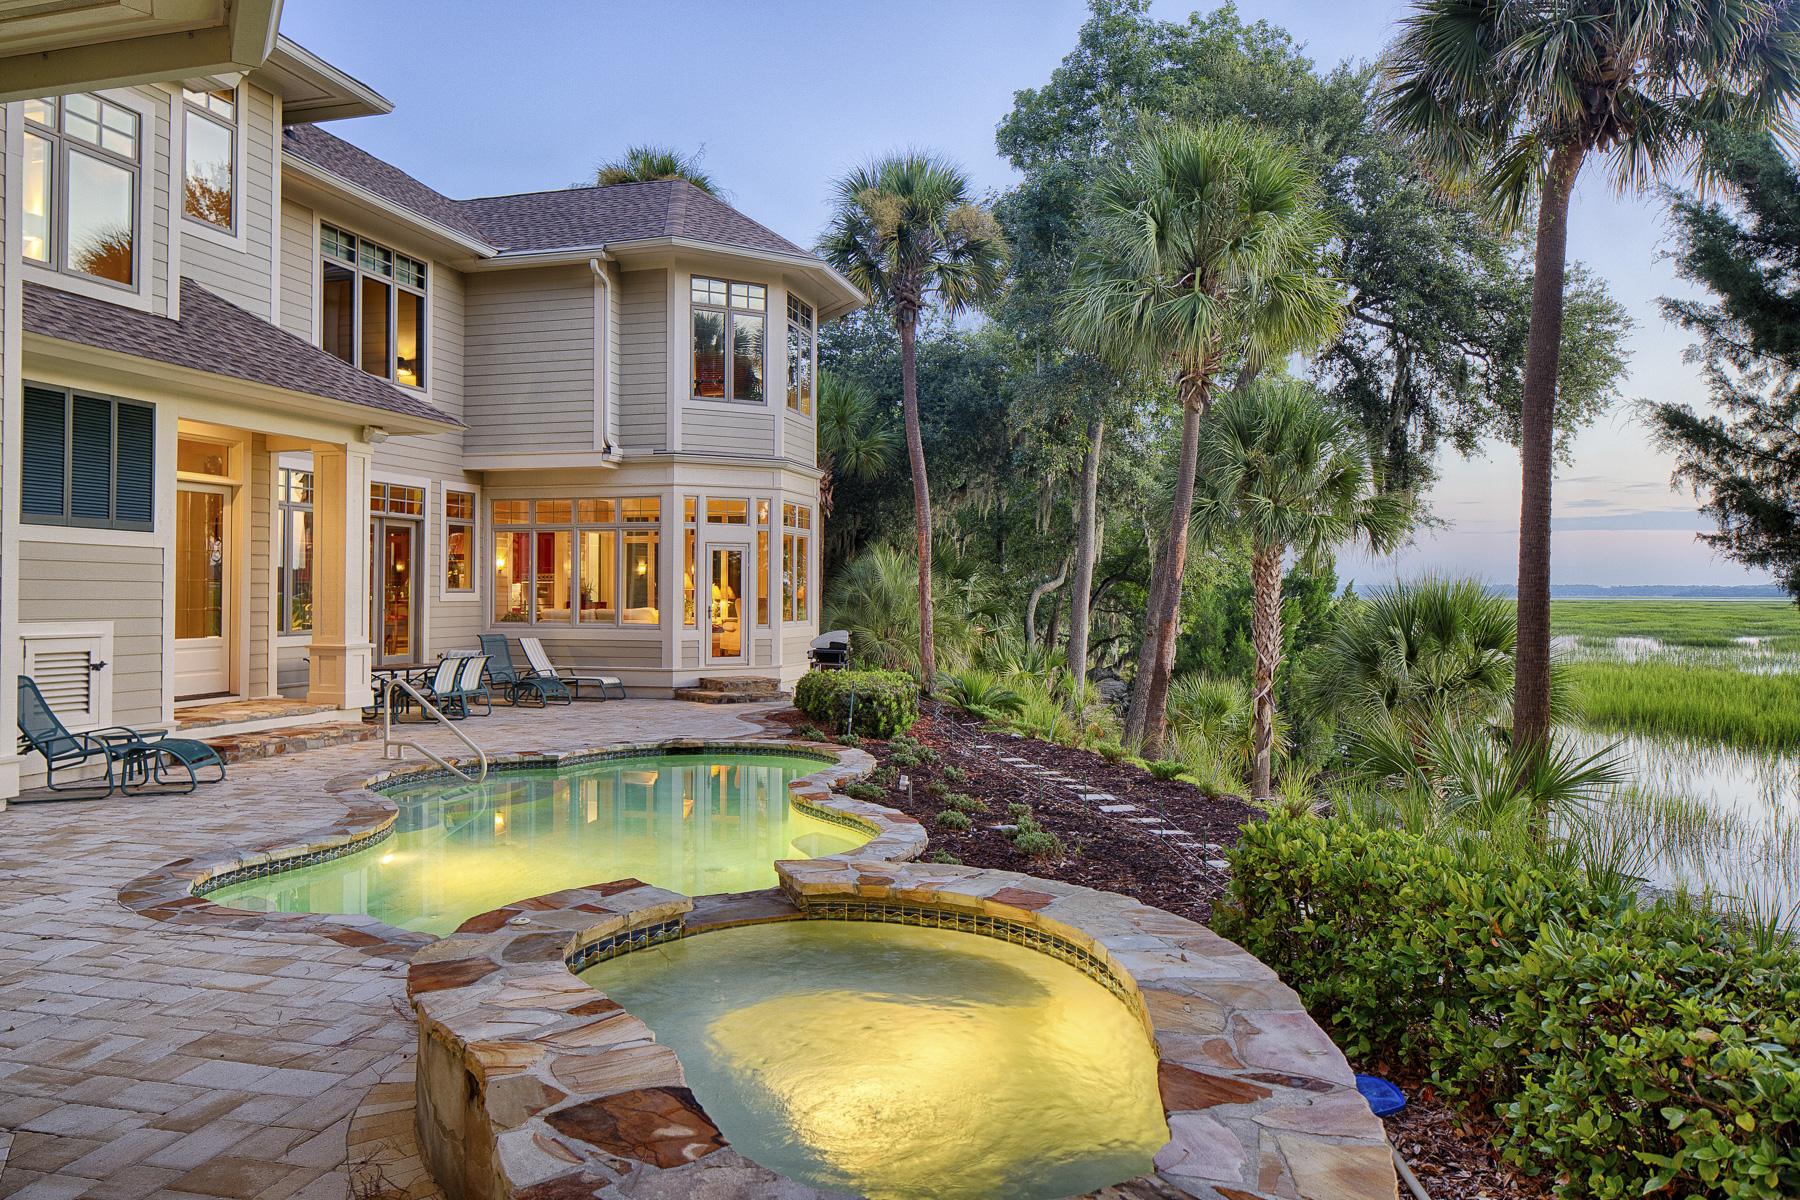 단독 가정 주택 용 매매 에 52 Richland Drive Bluffton, 사우스캐놀라이나, 29910 미국